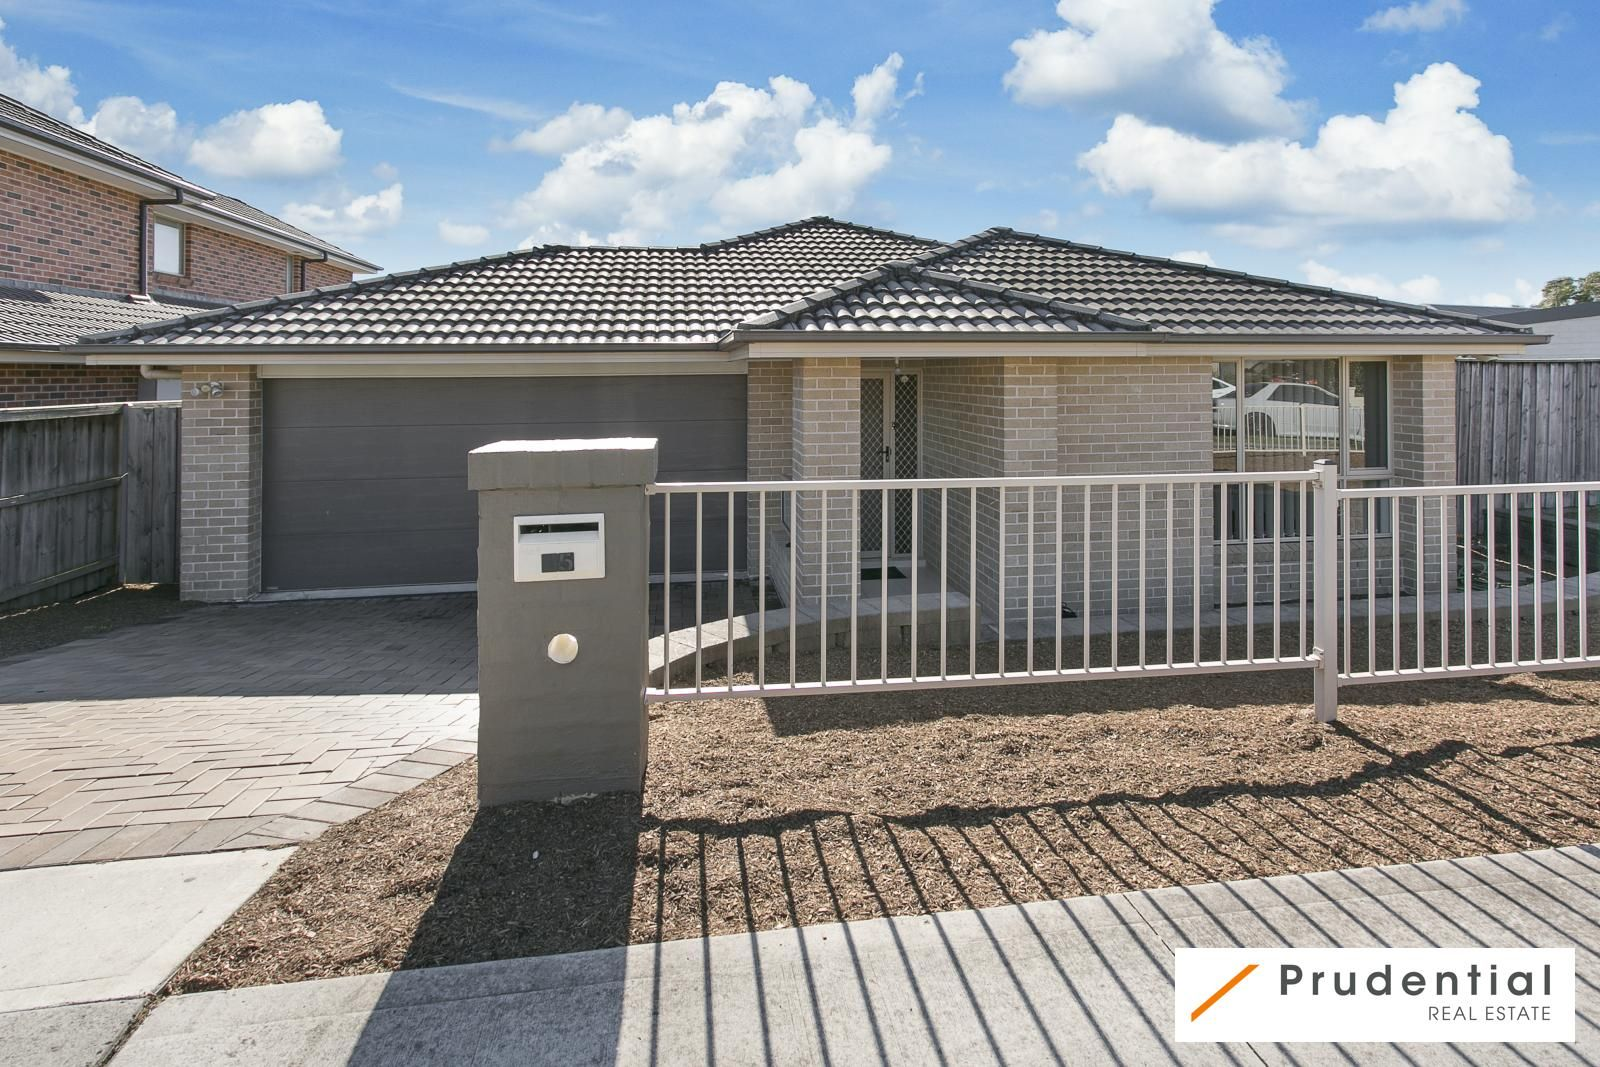 15 Snowy Avenue, Minto NSW 2566, Image 0